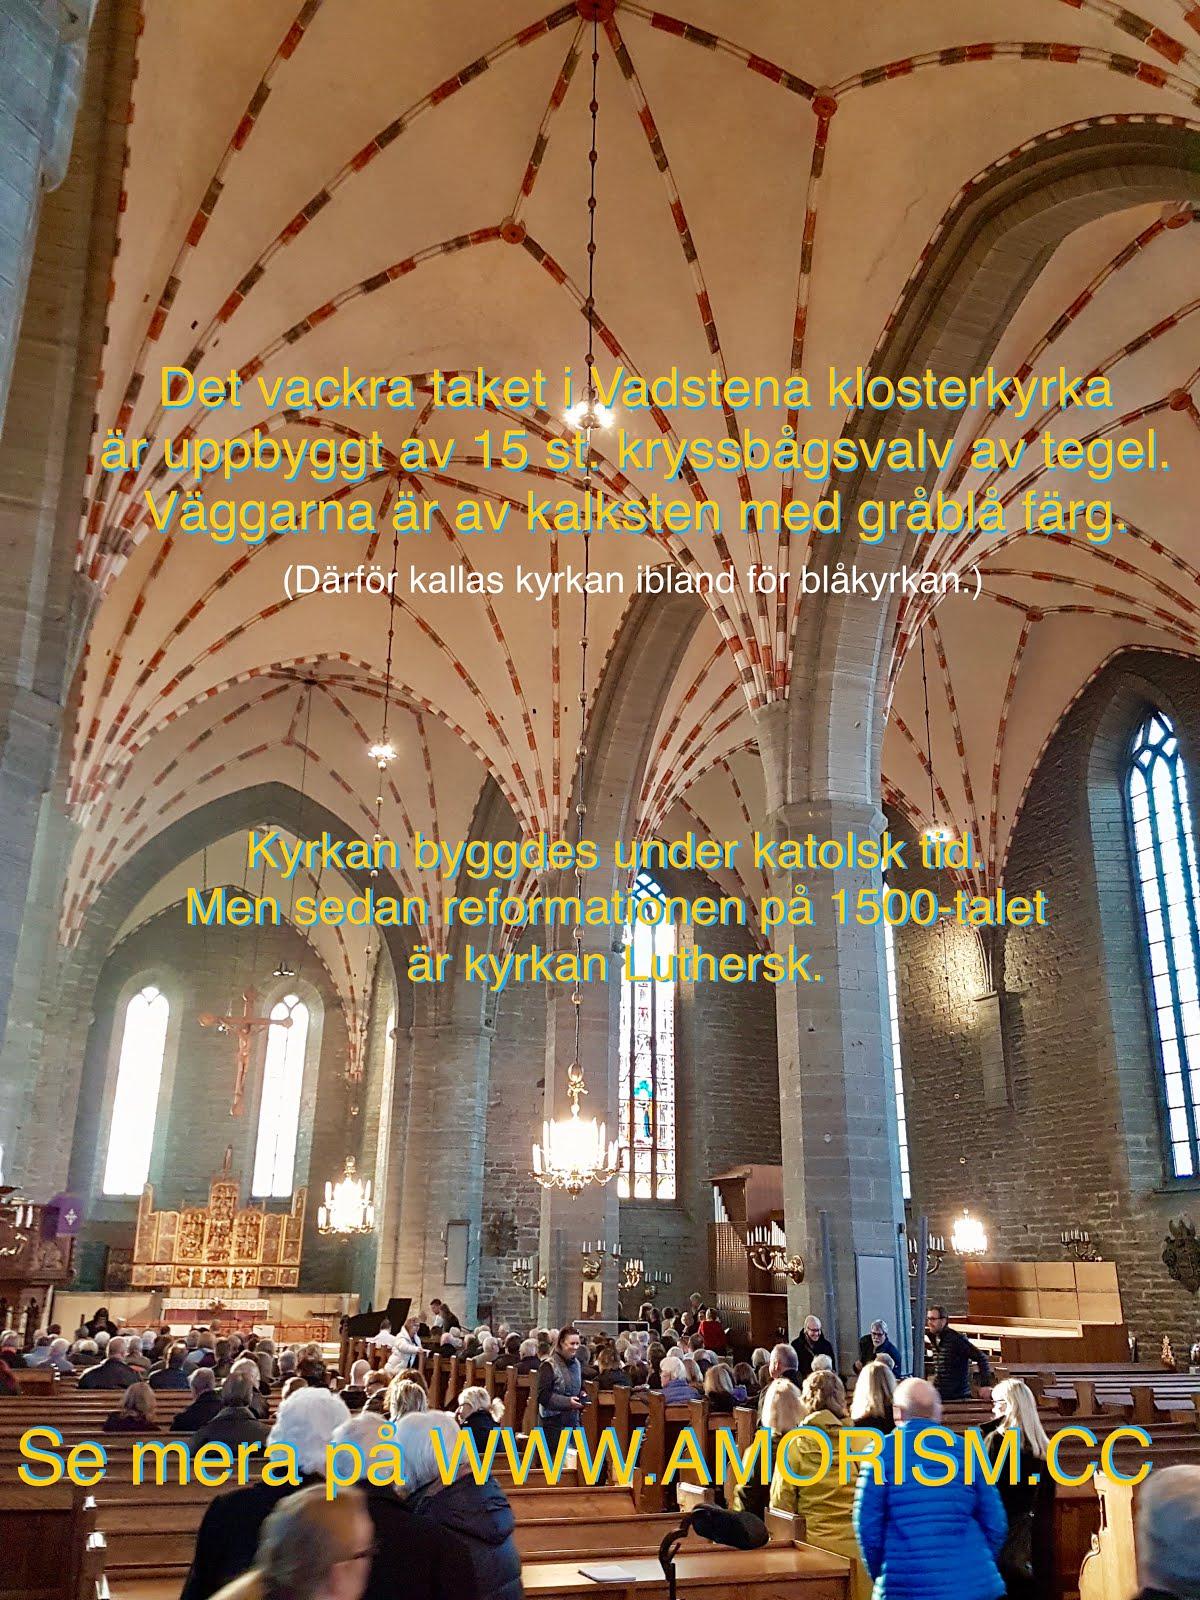 Bild på Vadstena klosterkyrka jpg